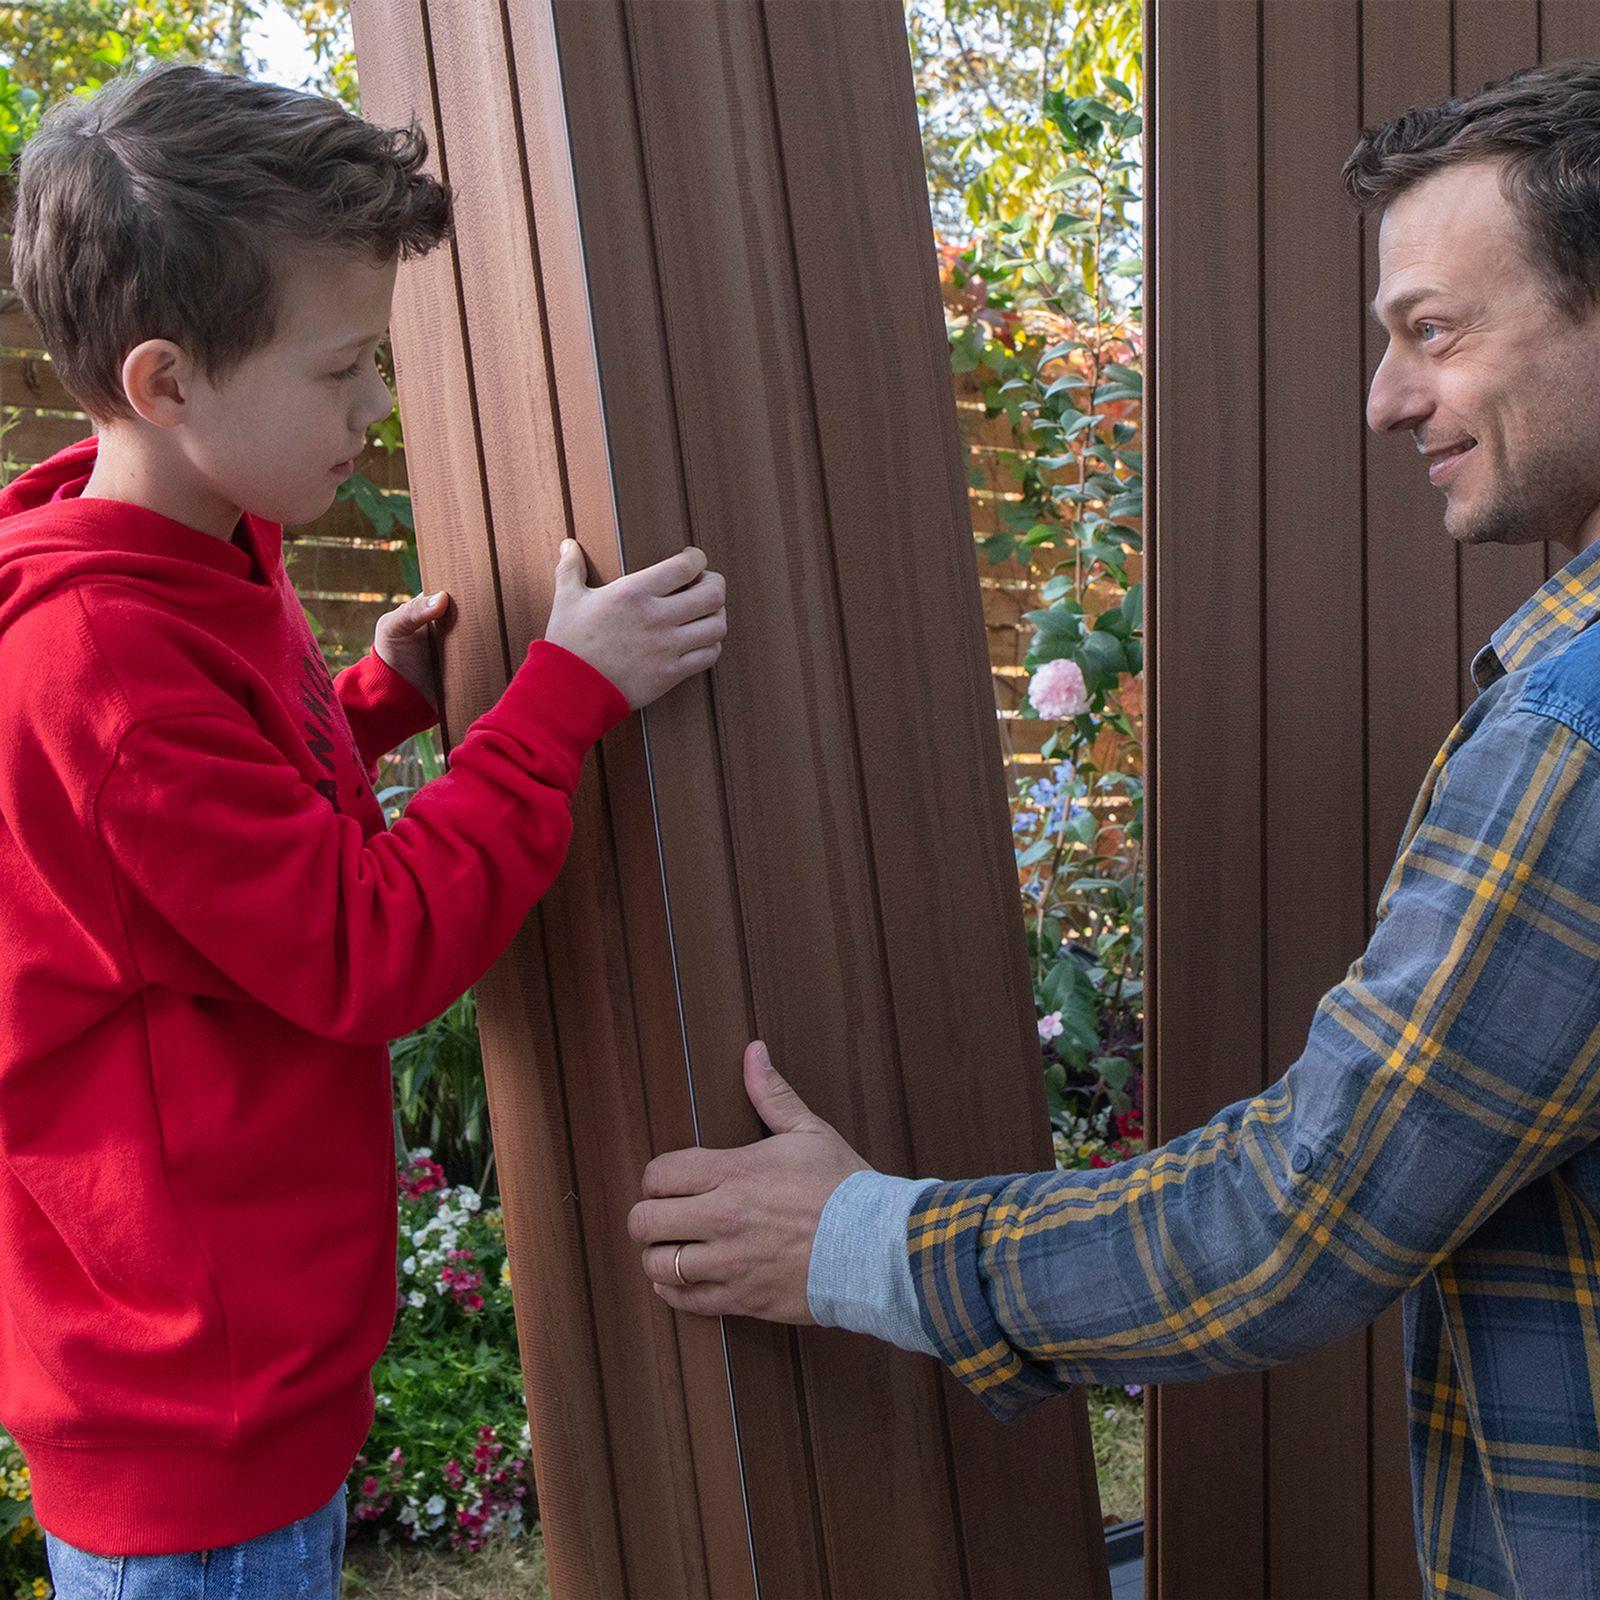 Capanno da giardino porta attrezzi Darwin marrone KETER